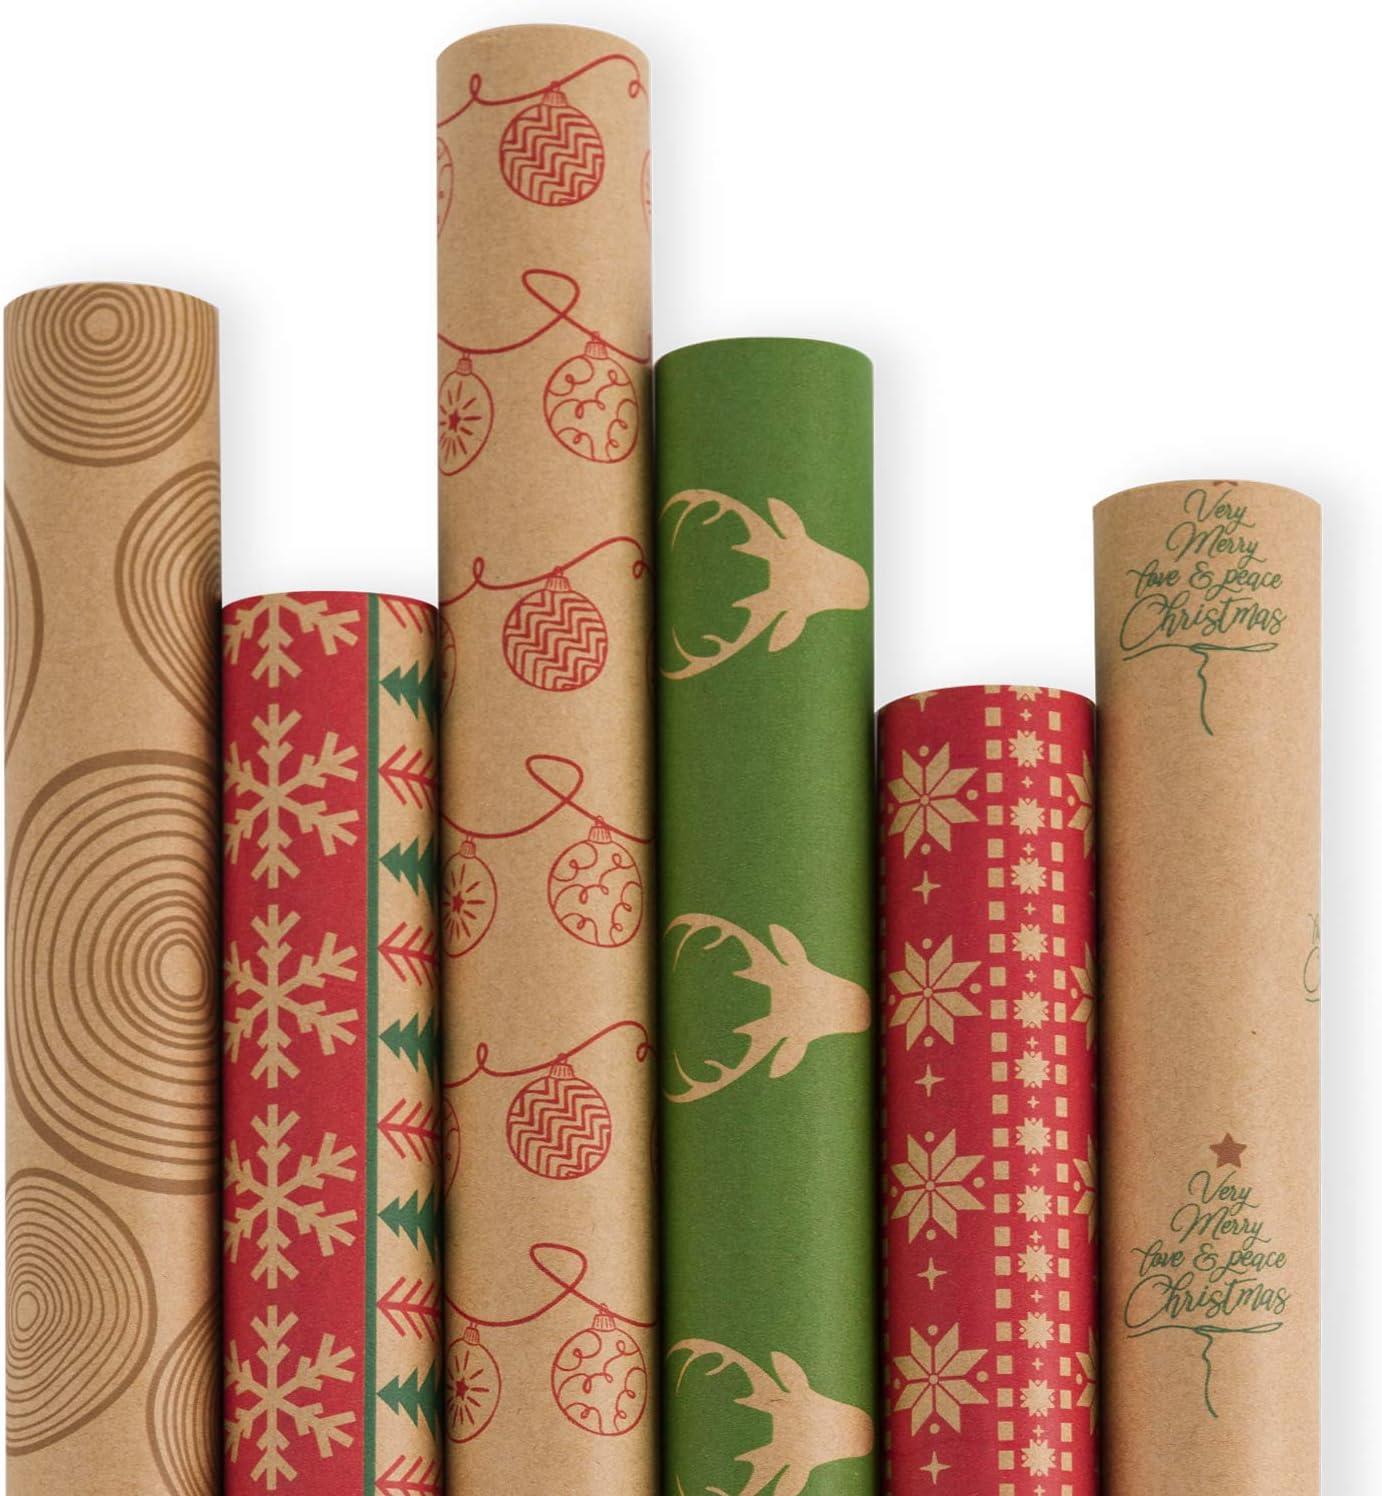 Ruspepa Noël Papier Cadeau Feuille-Marron Papier Kraft avec noir Noël